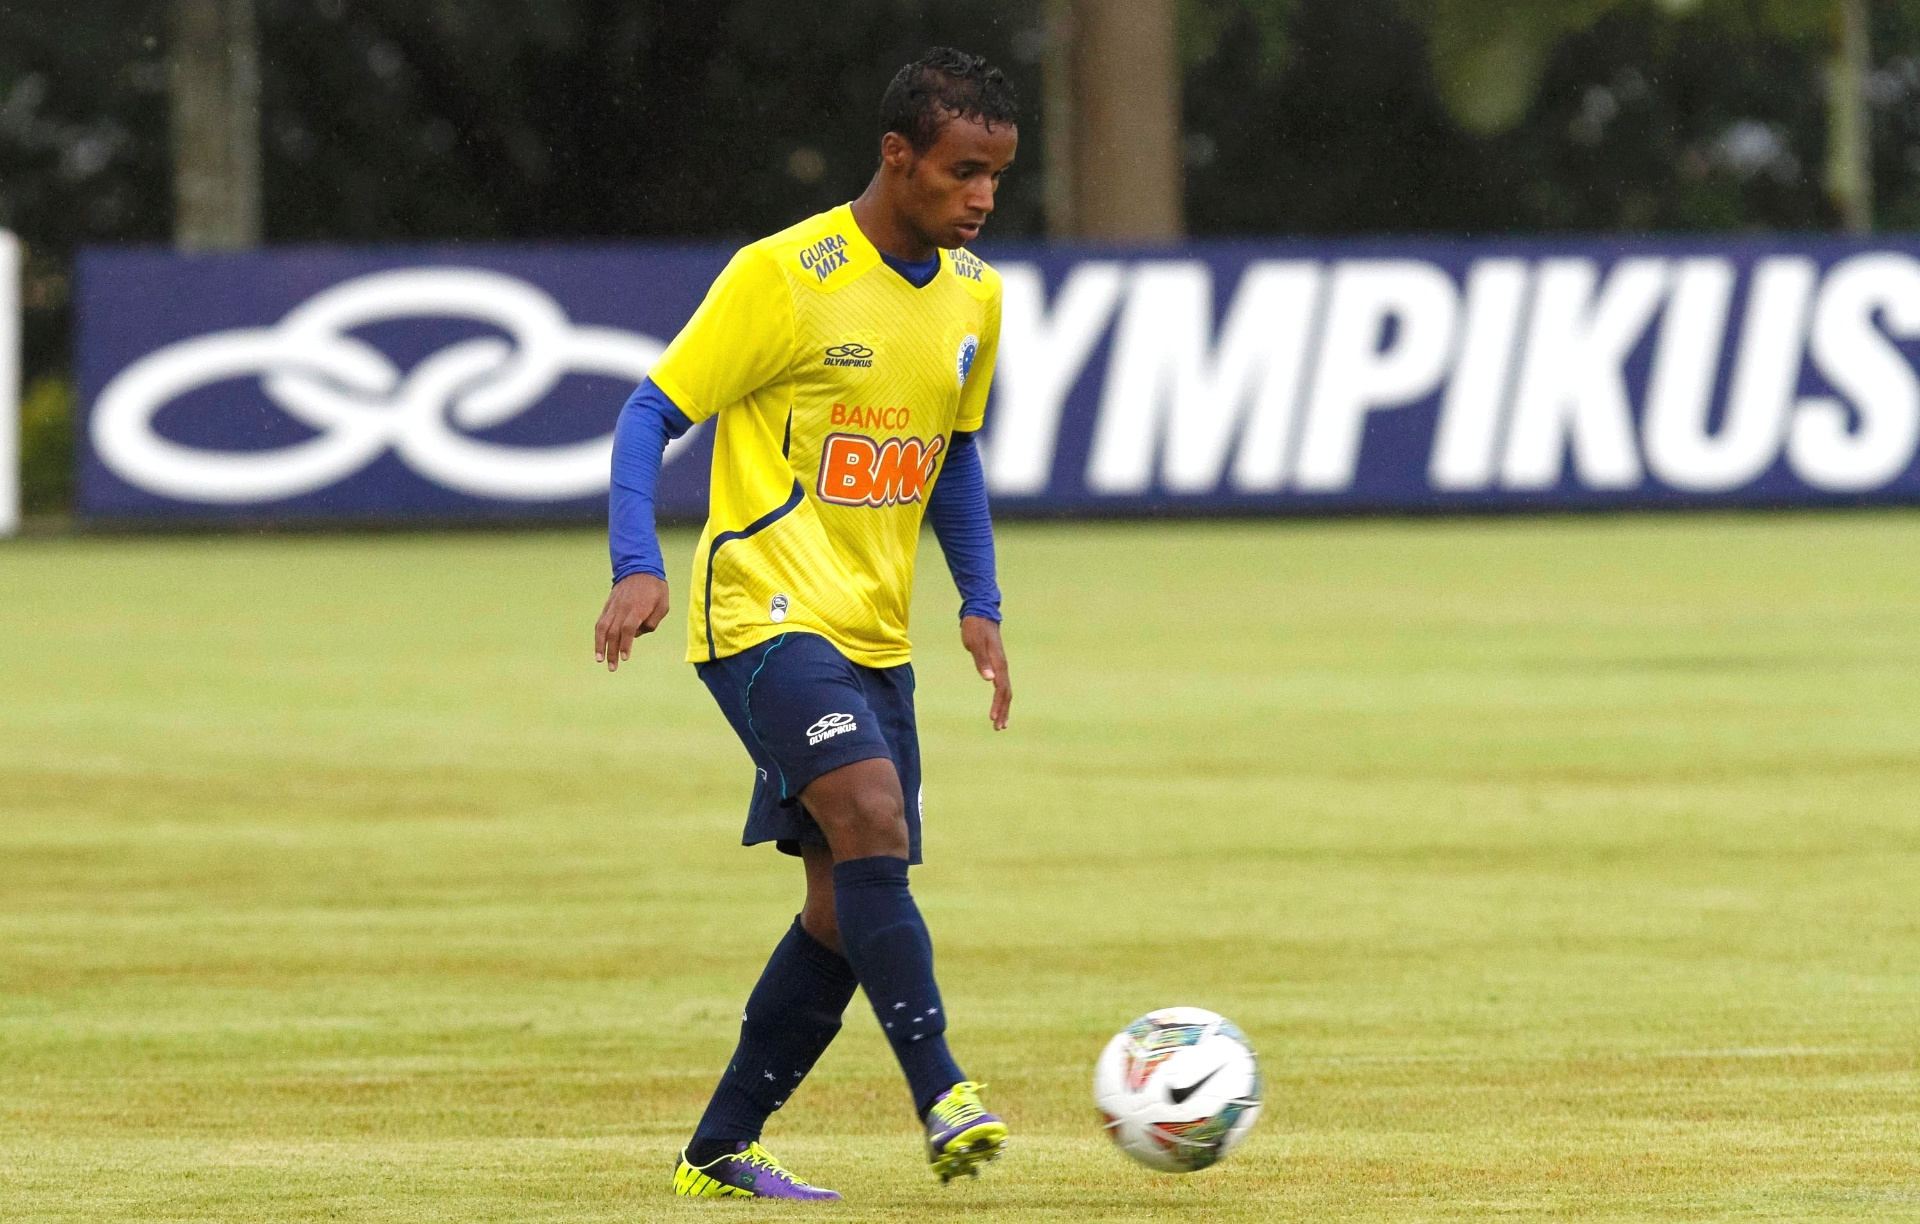 747a9f326b6c7 Elber volta a treinar no Cruzeiro após se recuperar de trauma no olho -  09 05 2014 - UOL Esporte